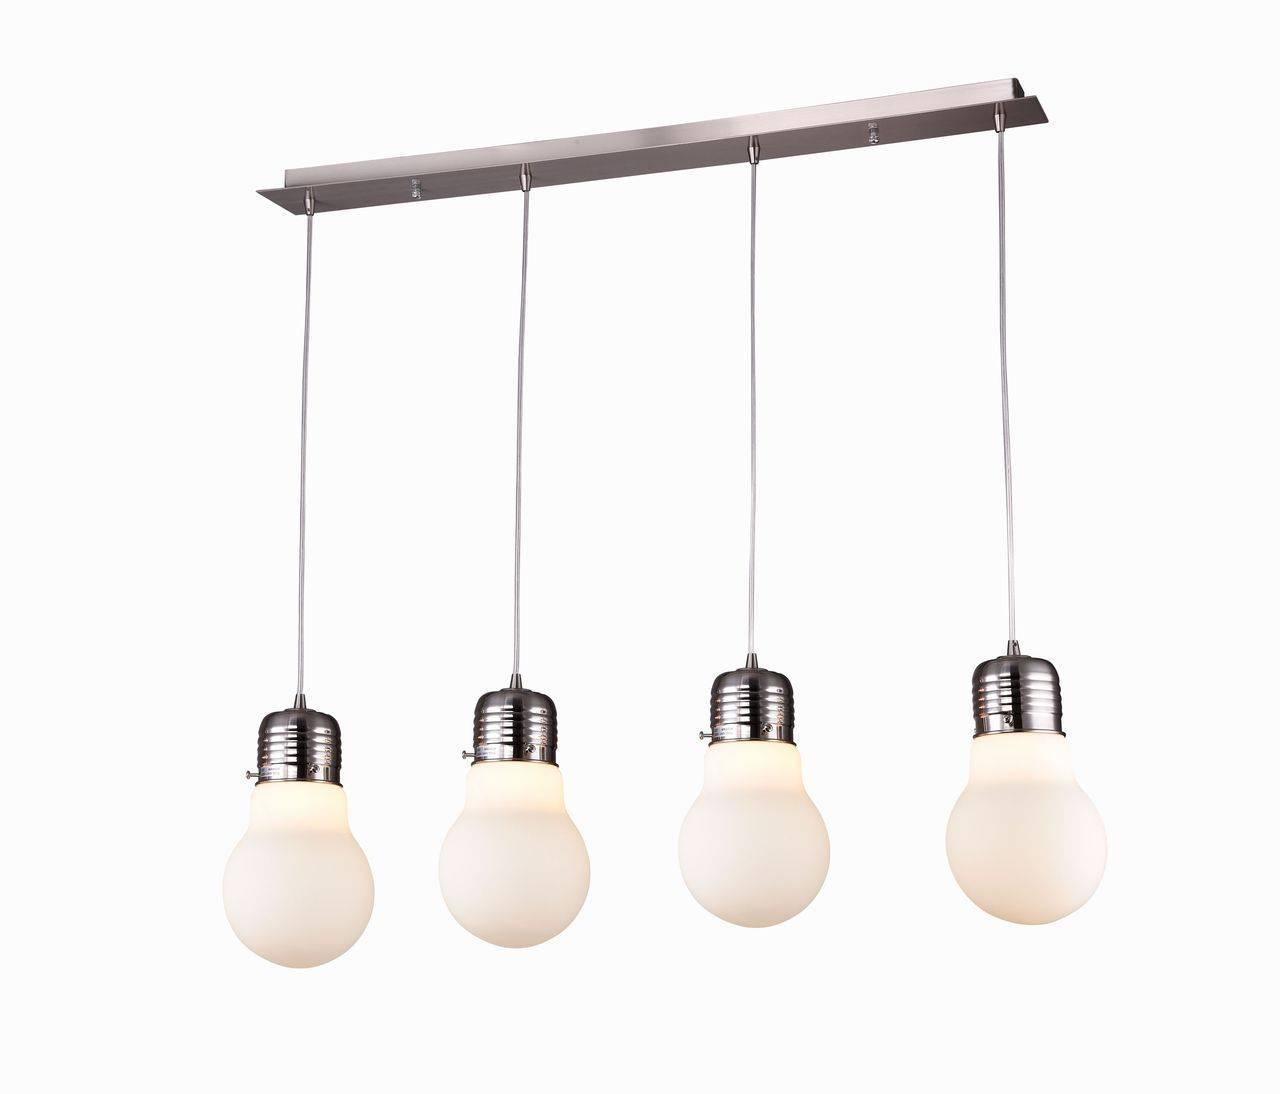 Подвесной светильник ST Luce Buld SL299.503.04 подвесной светильник st luce buld sl299 503 01